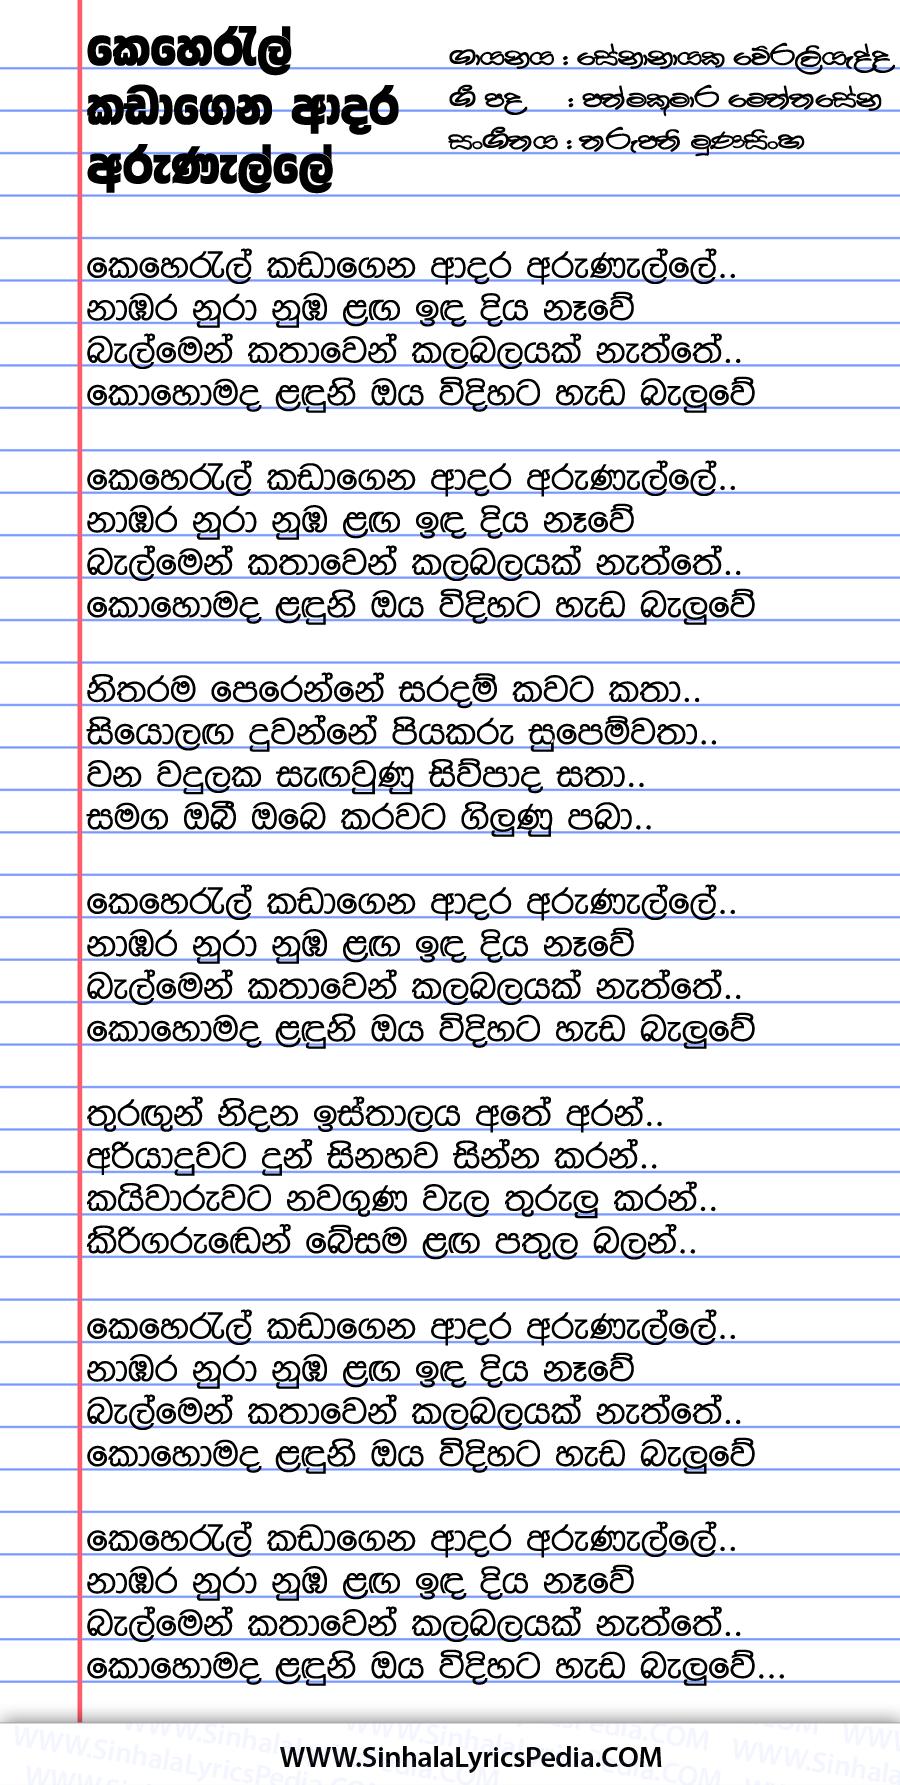 Keheral Kadagena Adara Arunalle Song Lyrics